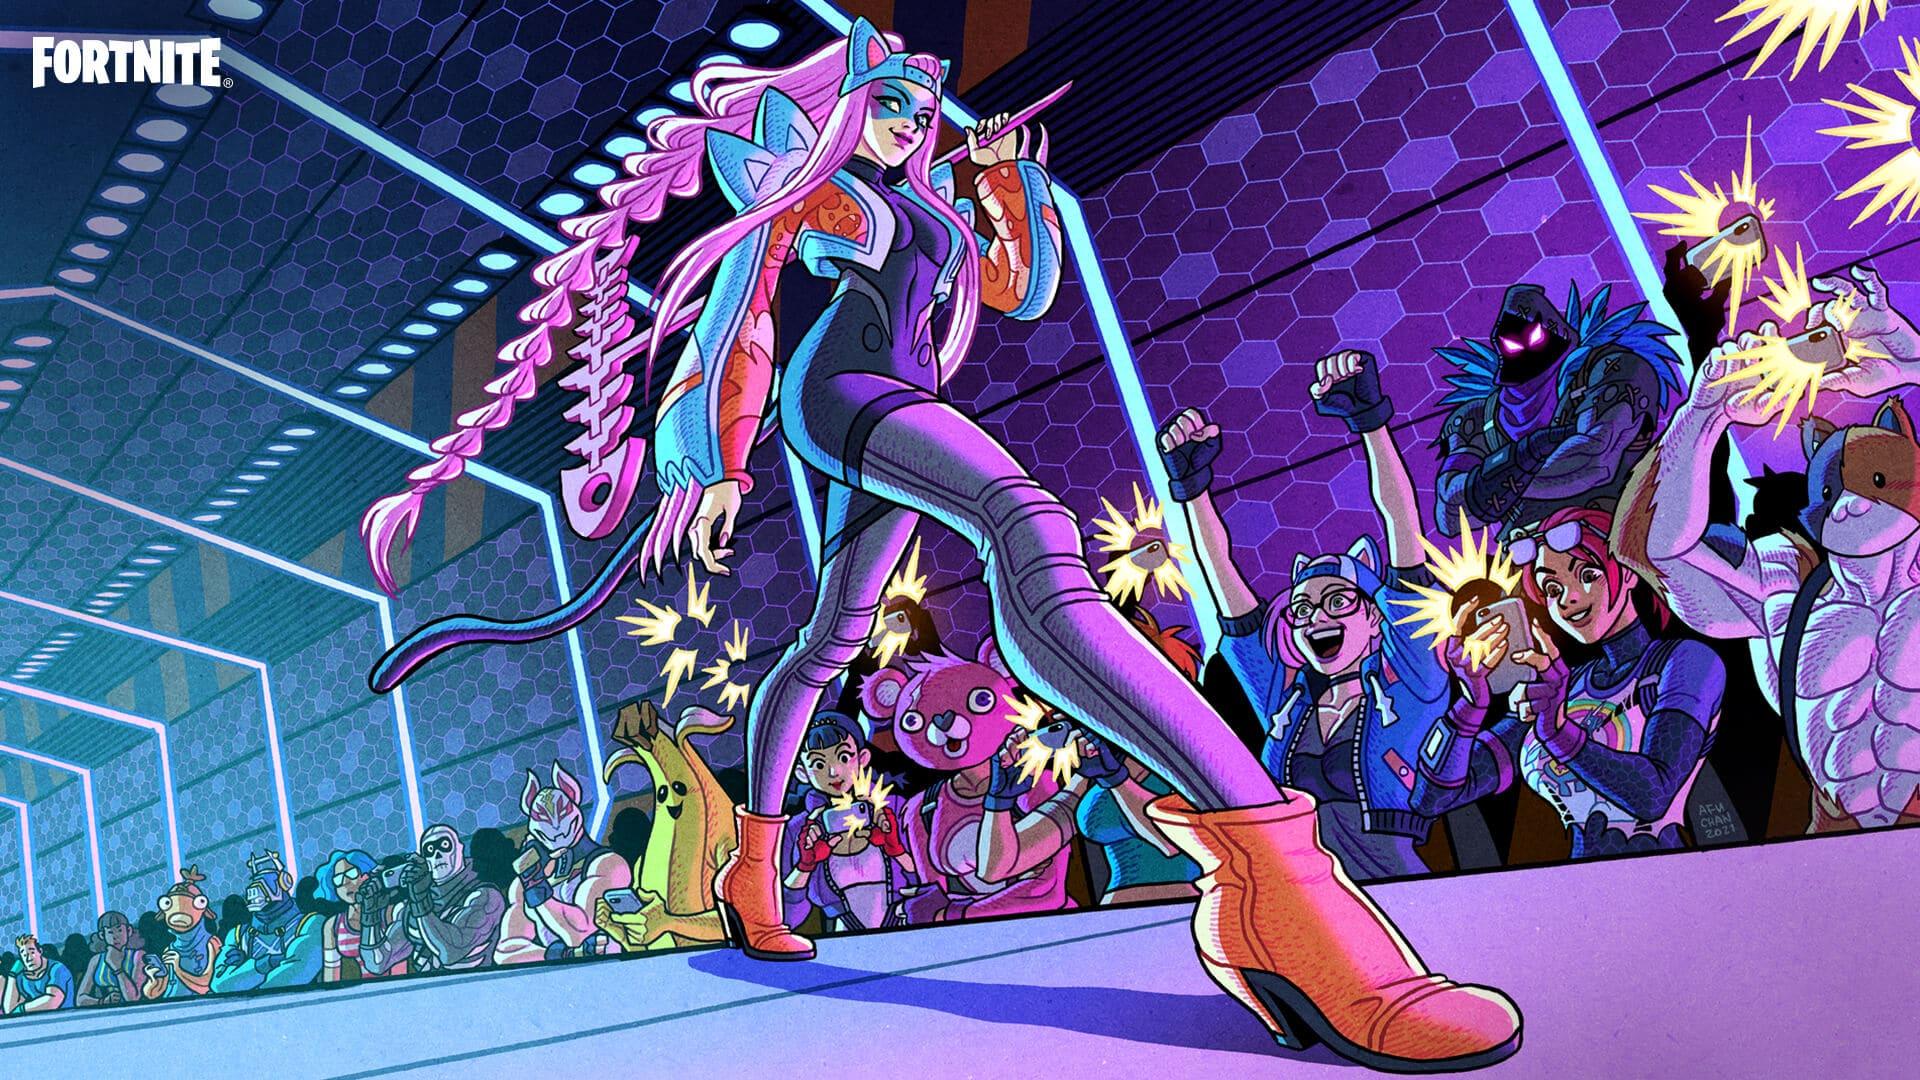 Tela de carregamento do jogo Fortnite exclusiva para a assinatura Clube Fornite que que mostra a personagem Alli juntamente com outros heróis do jogo